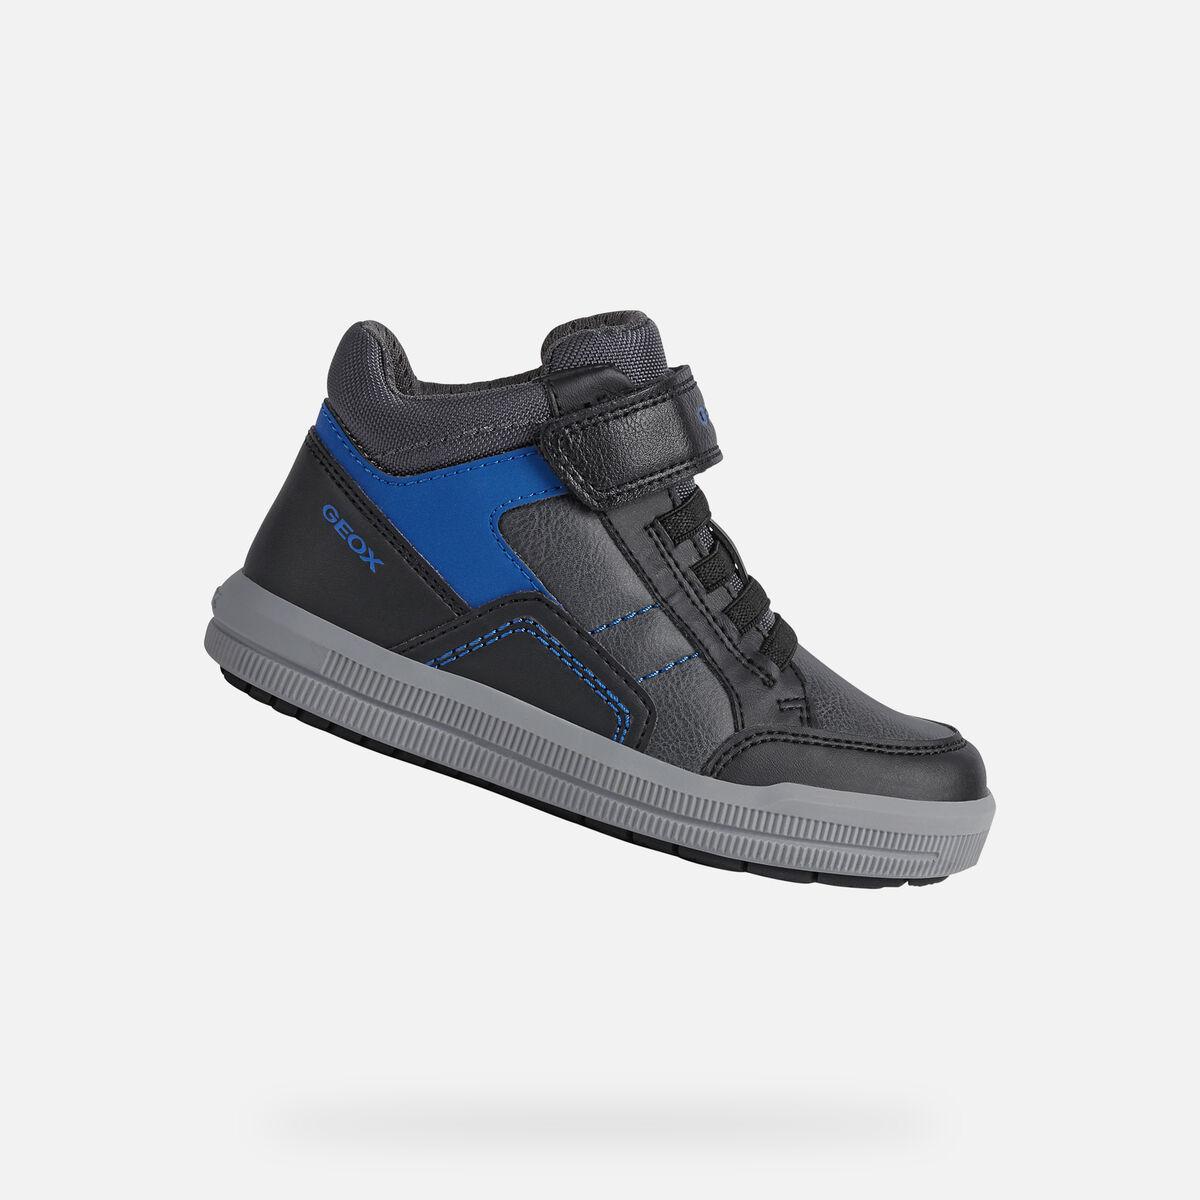 GEOX dětské kotníkové boty ARZACH BOY černé - modré - J044AA